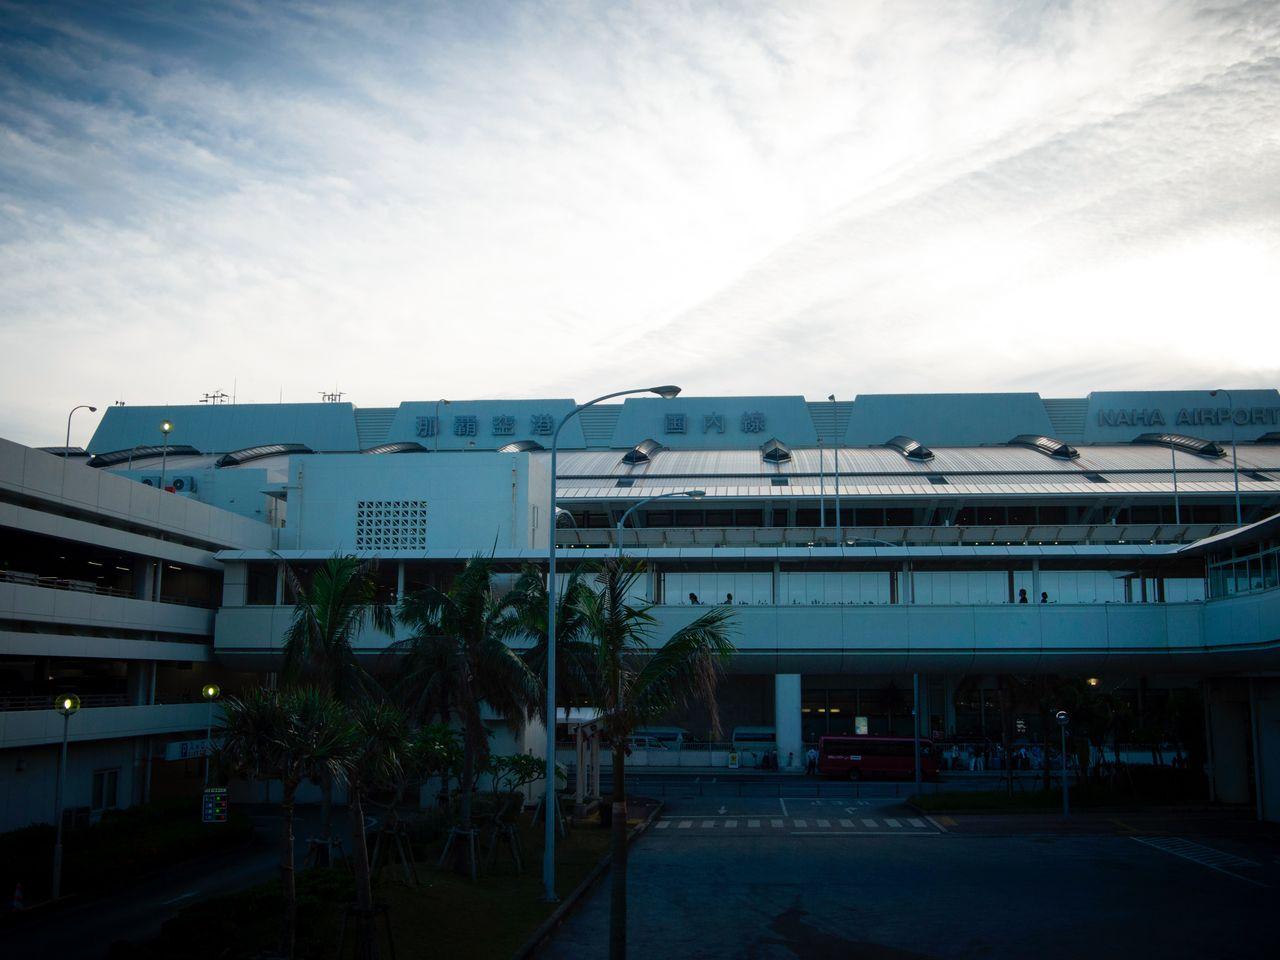 Станция монорельса сообщается с аэропортом Наха, поэтому многие прилетающие на Окинаву туристы начинают своё знакомство с островом с помощью «Юи-рейл»